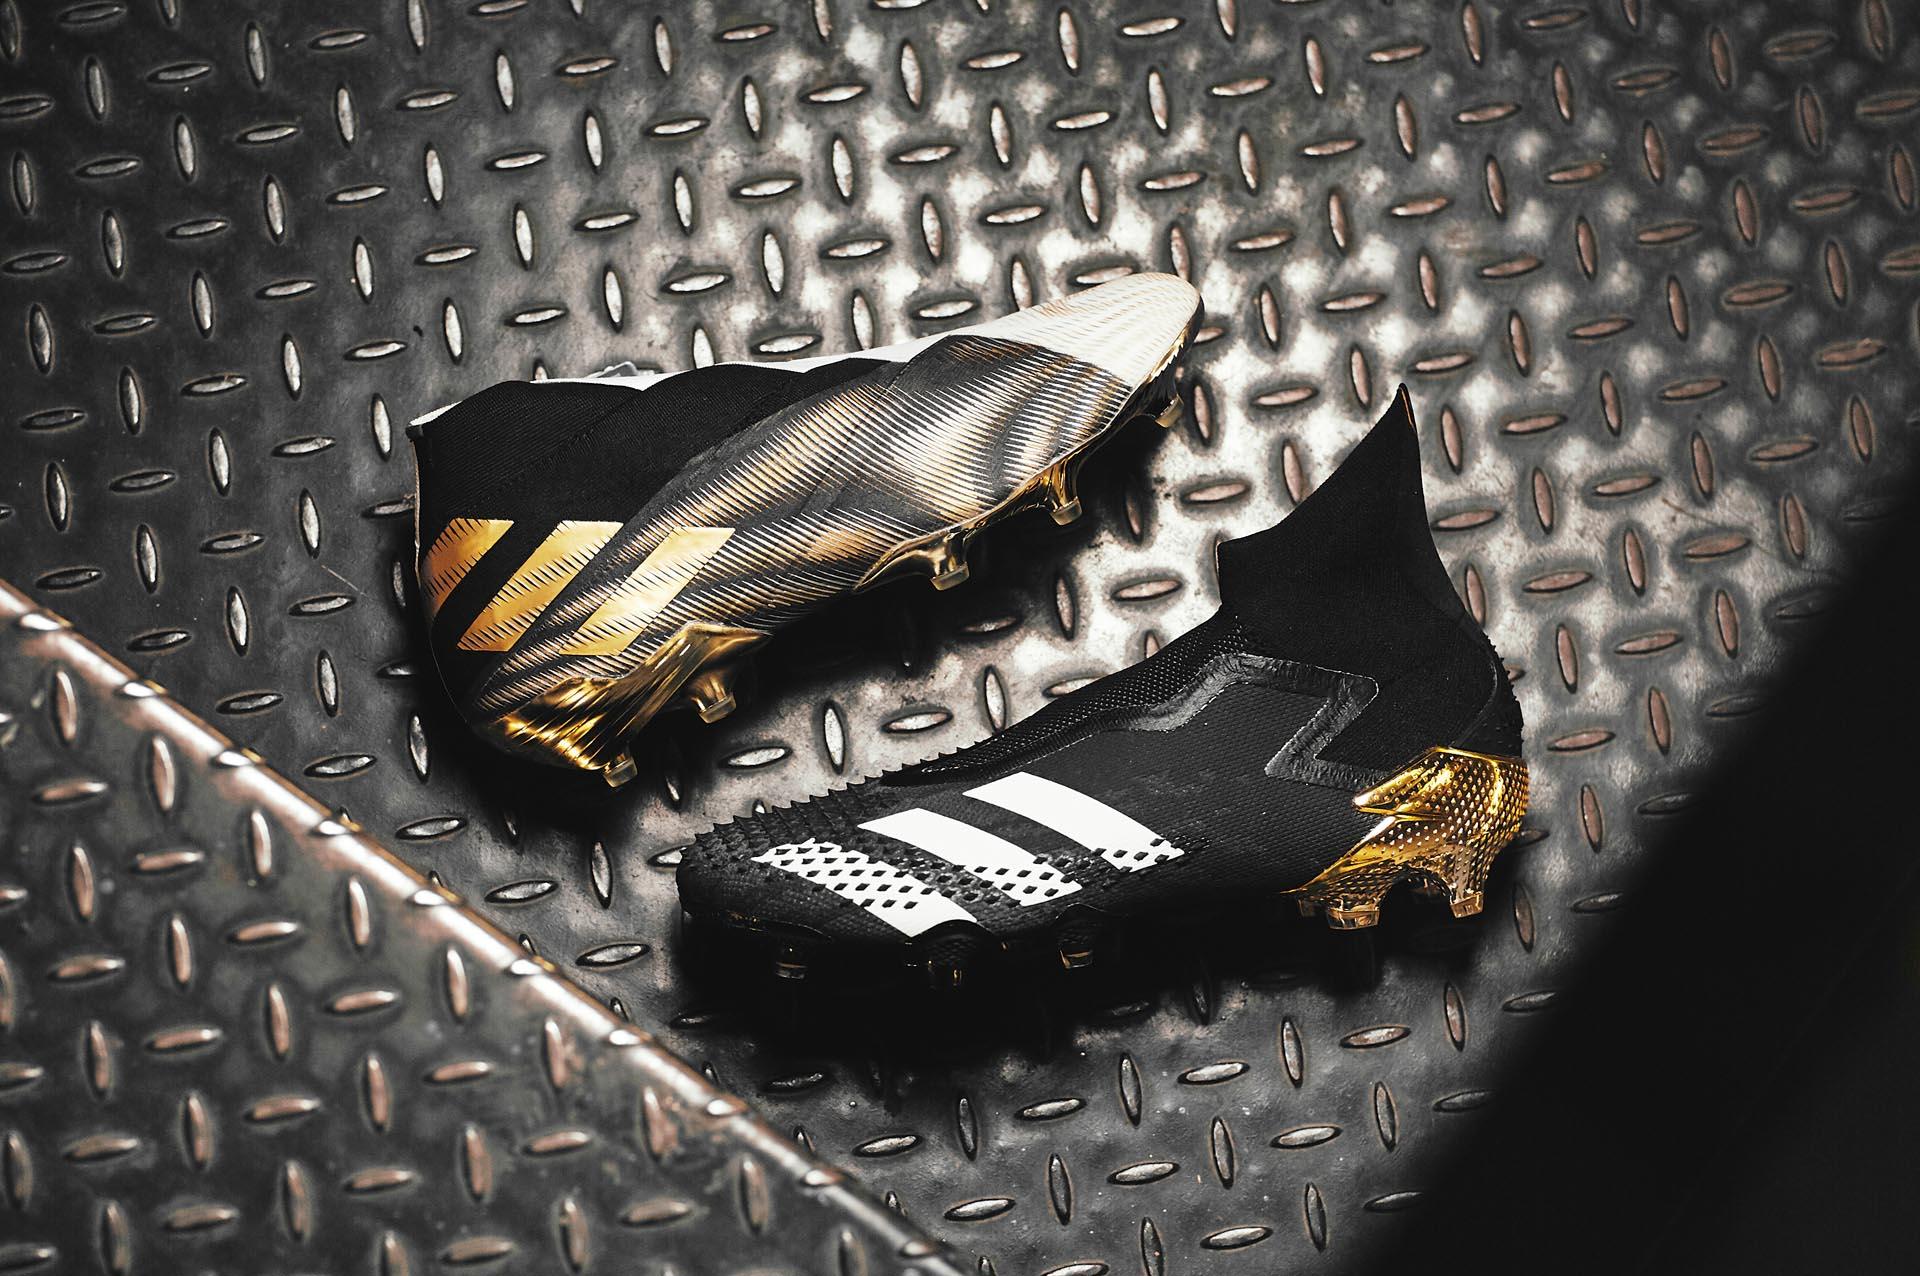 Bộ sưu tập Adidas Atmospheric Pack được ra mắt với thiết kế cực kỳ đẹp mắt